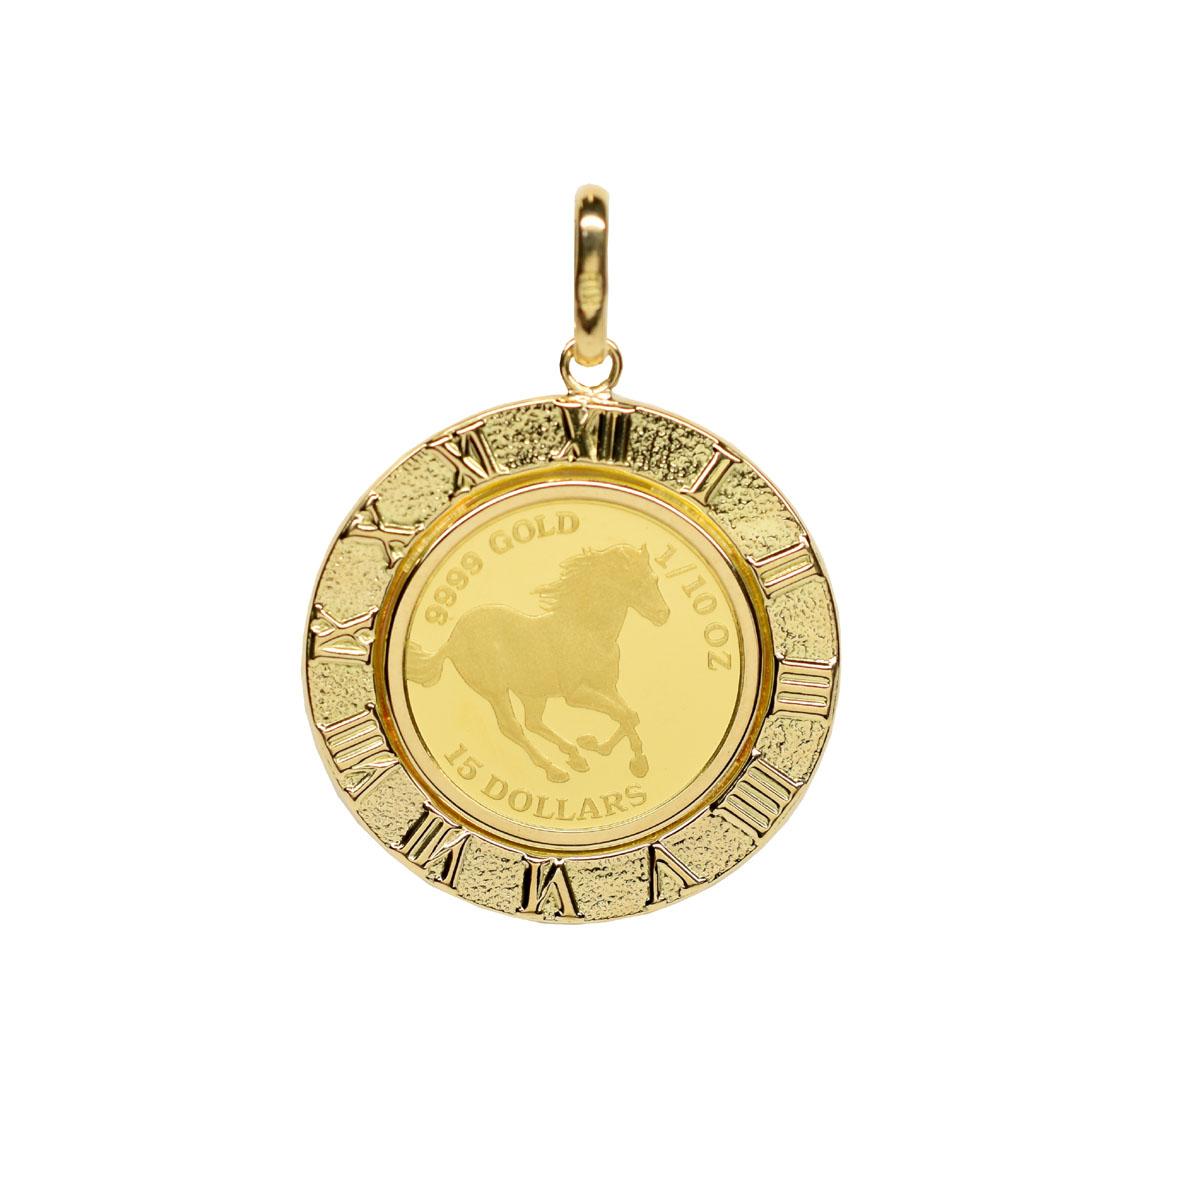 【送料無料】ツバル/ホースコイン金貨 K24(純金) 1/10オンス ホースコイン K18枠付きペンダントトップ